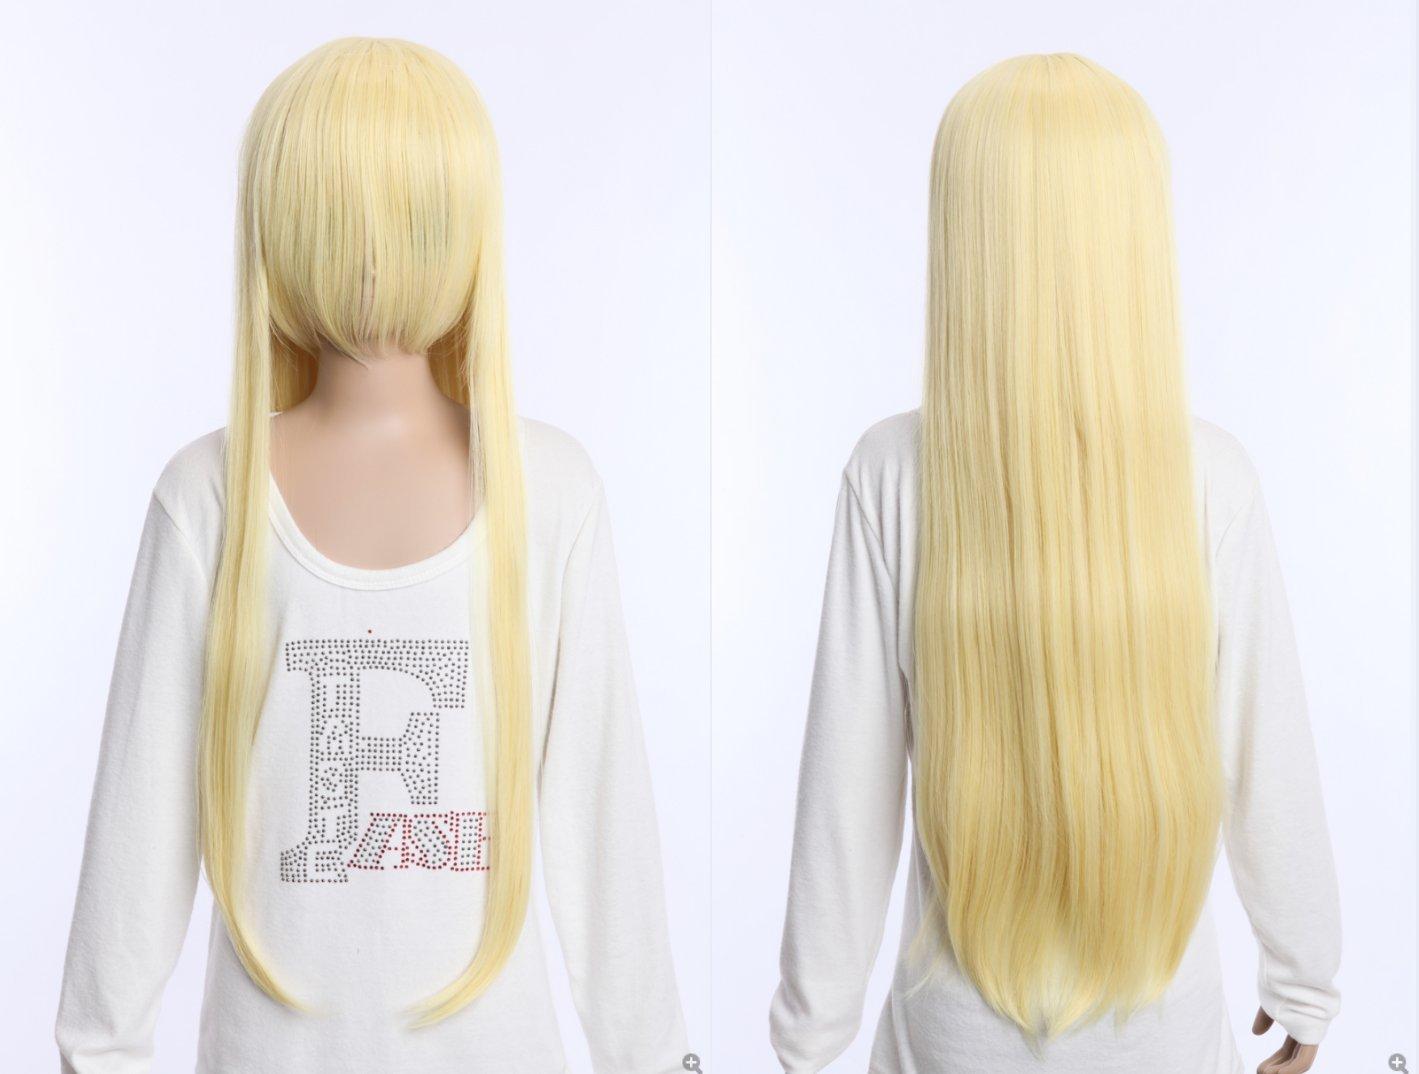 Kawaii-Story W DE 04 DE bc52 Rubio Blonde 80 cm Cosplay Peluca Wig Perruque Pelo Hair Anime: Amazon.es: Juguetes y juegos